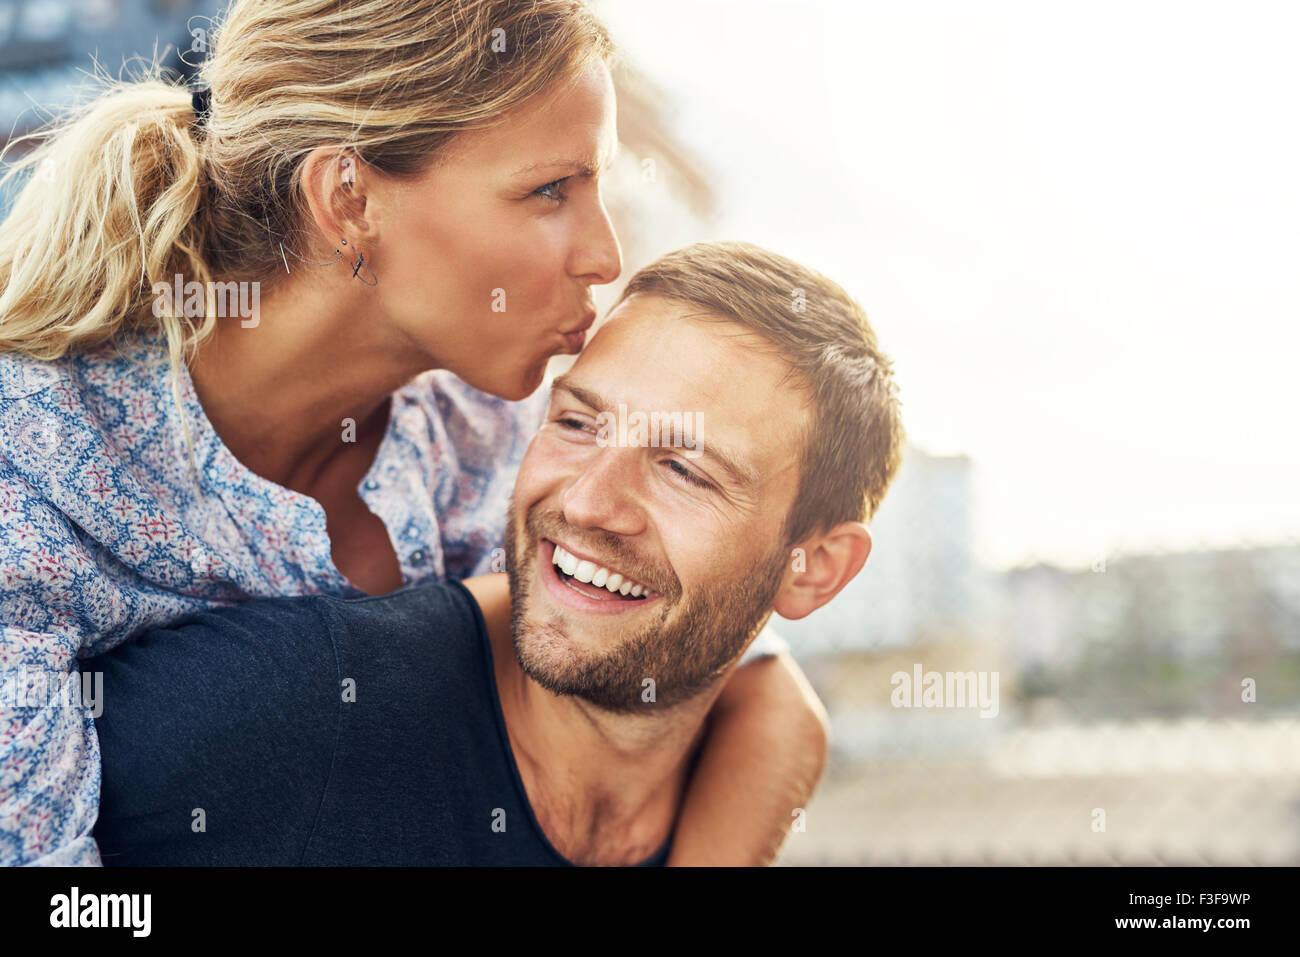 Besos mujer hombre mientras él ríe, pareja joven Imagen De Stock